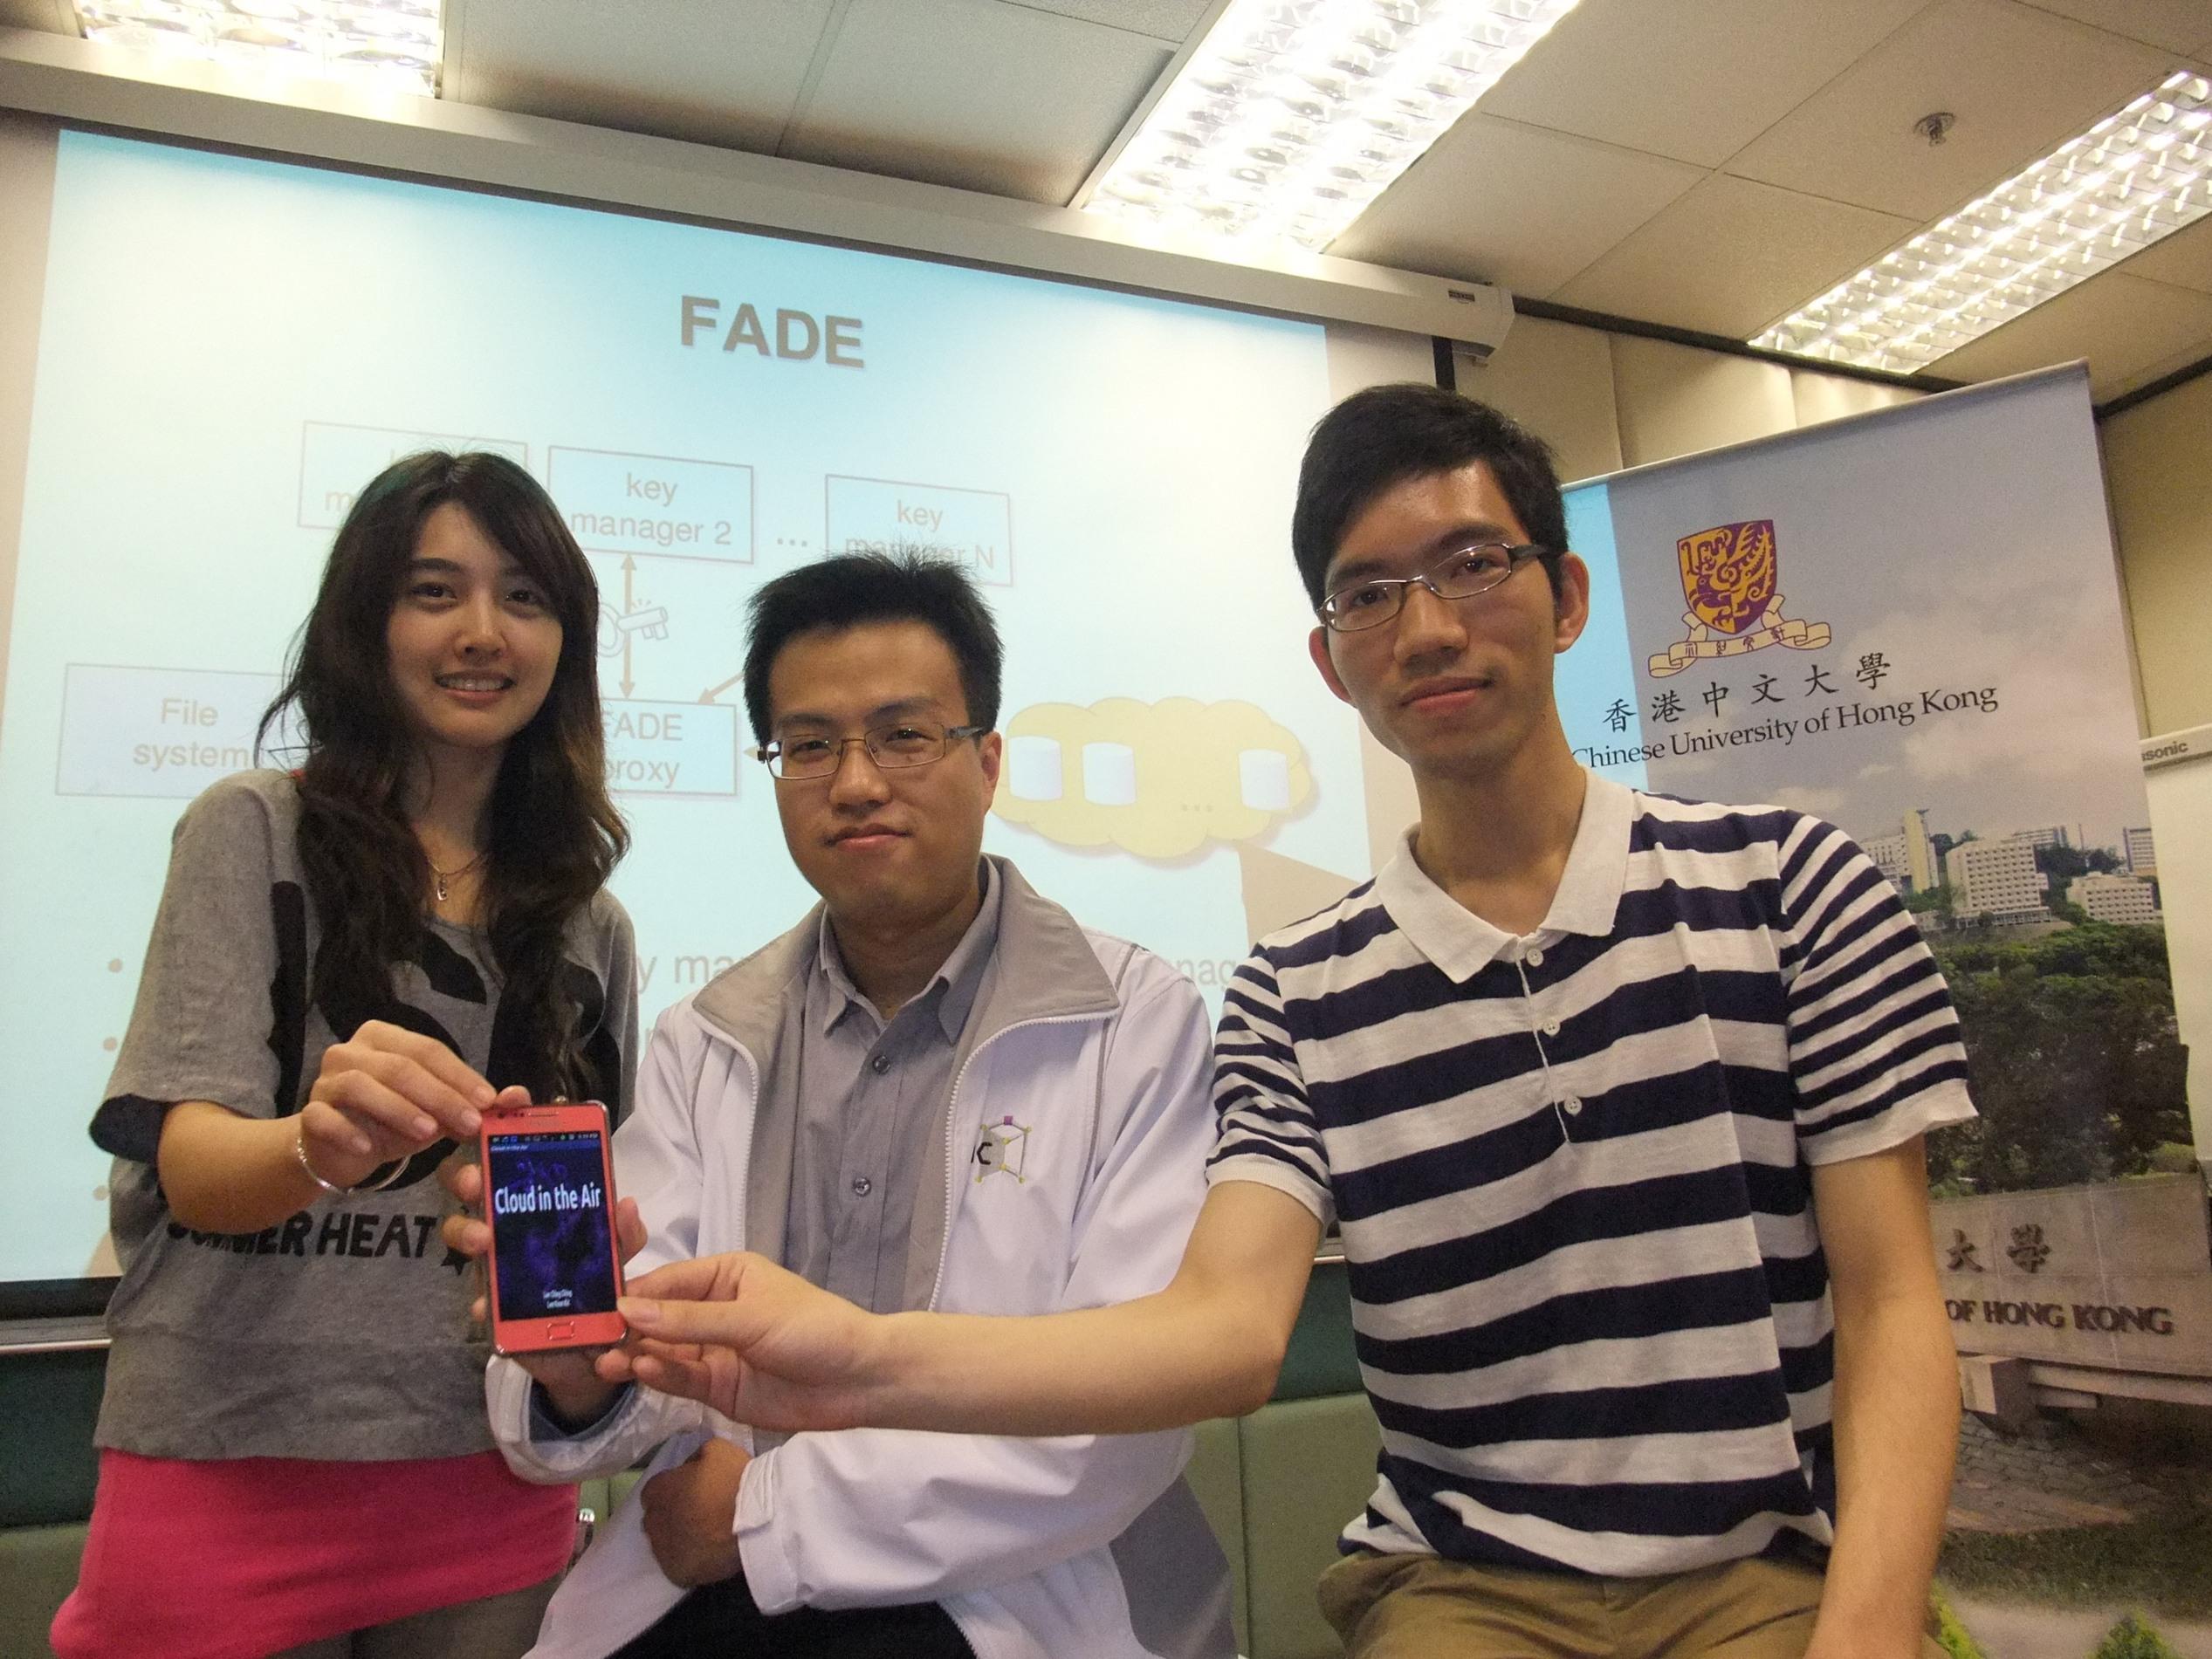 中大計算機科學與工程學系助理教授李柏晴教授(中)及其學生李冠傑(右)和李菁菁。